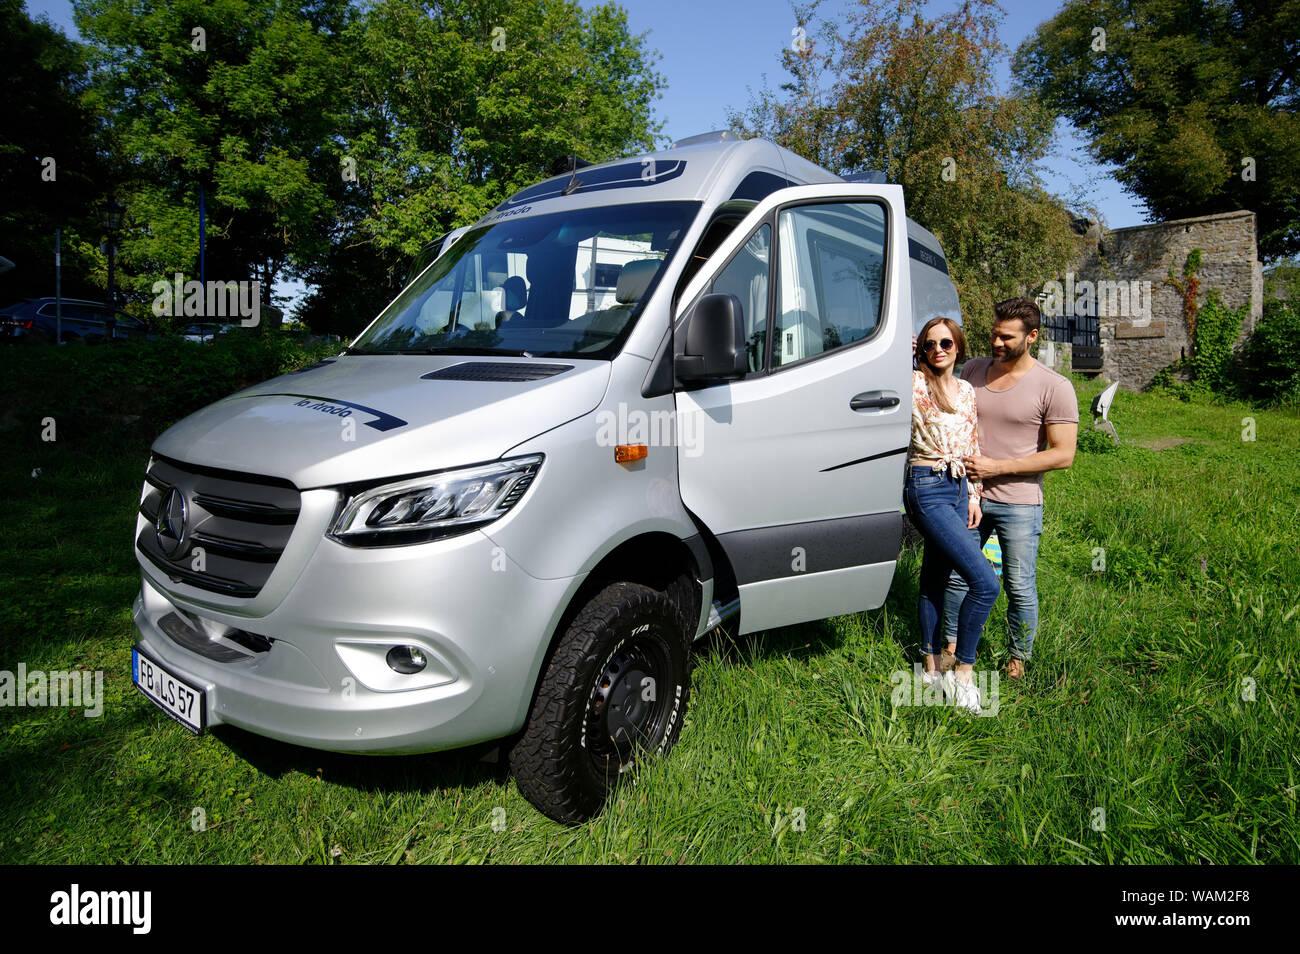 4x4 Camper Van Stock Photos & 4x4 Camper Van Stock Images